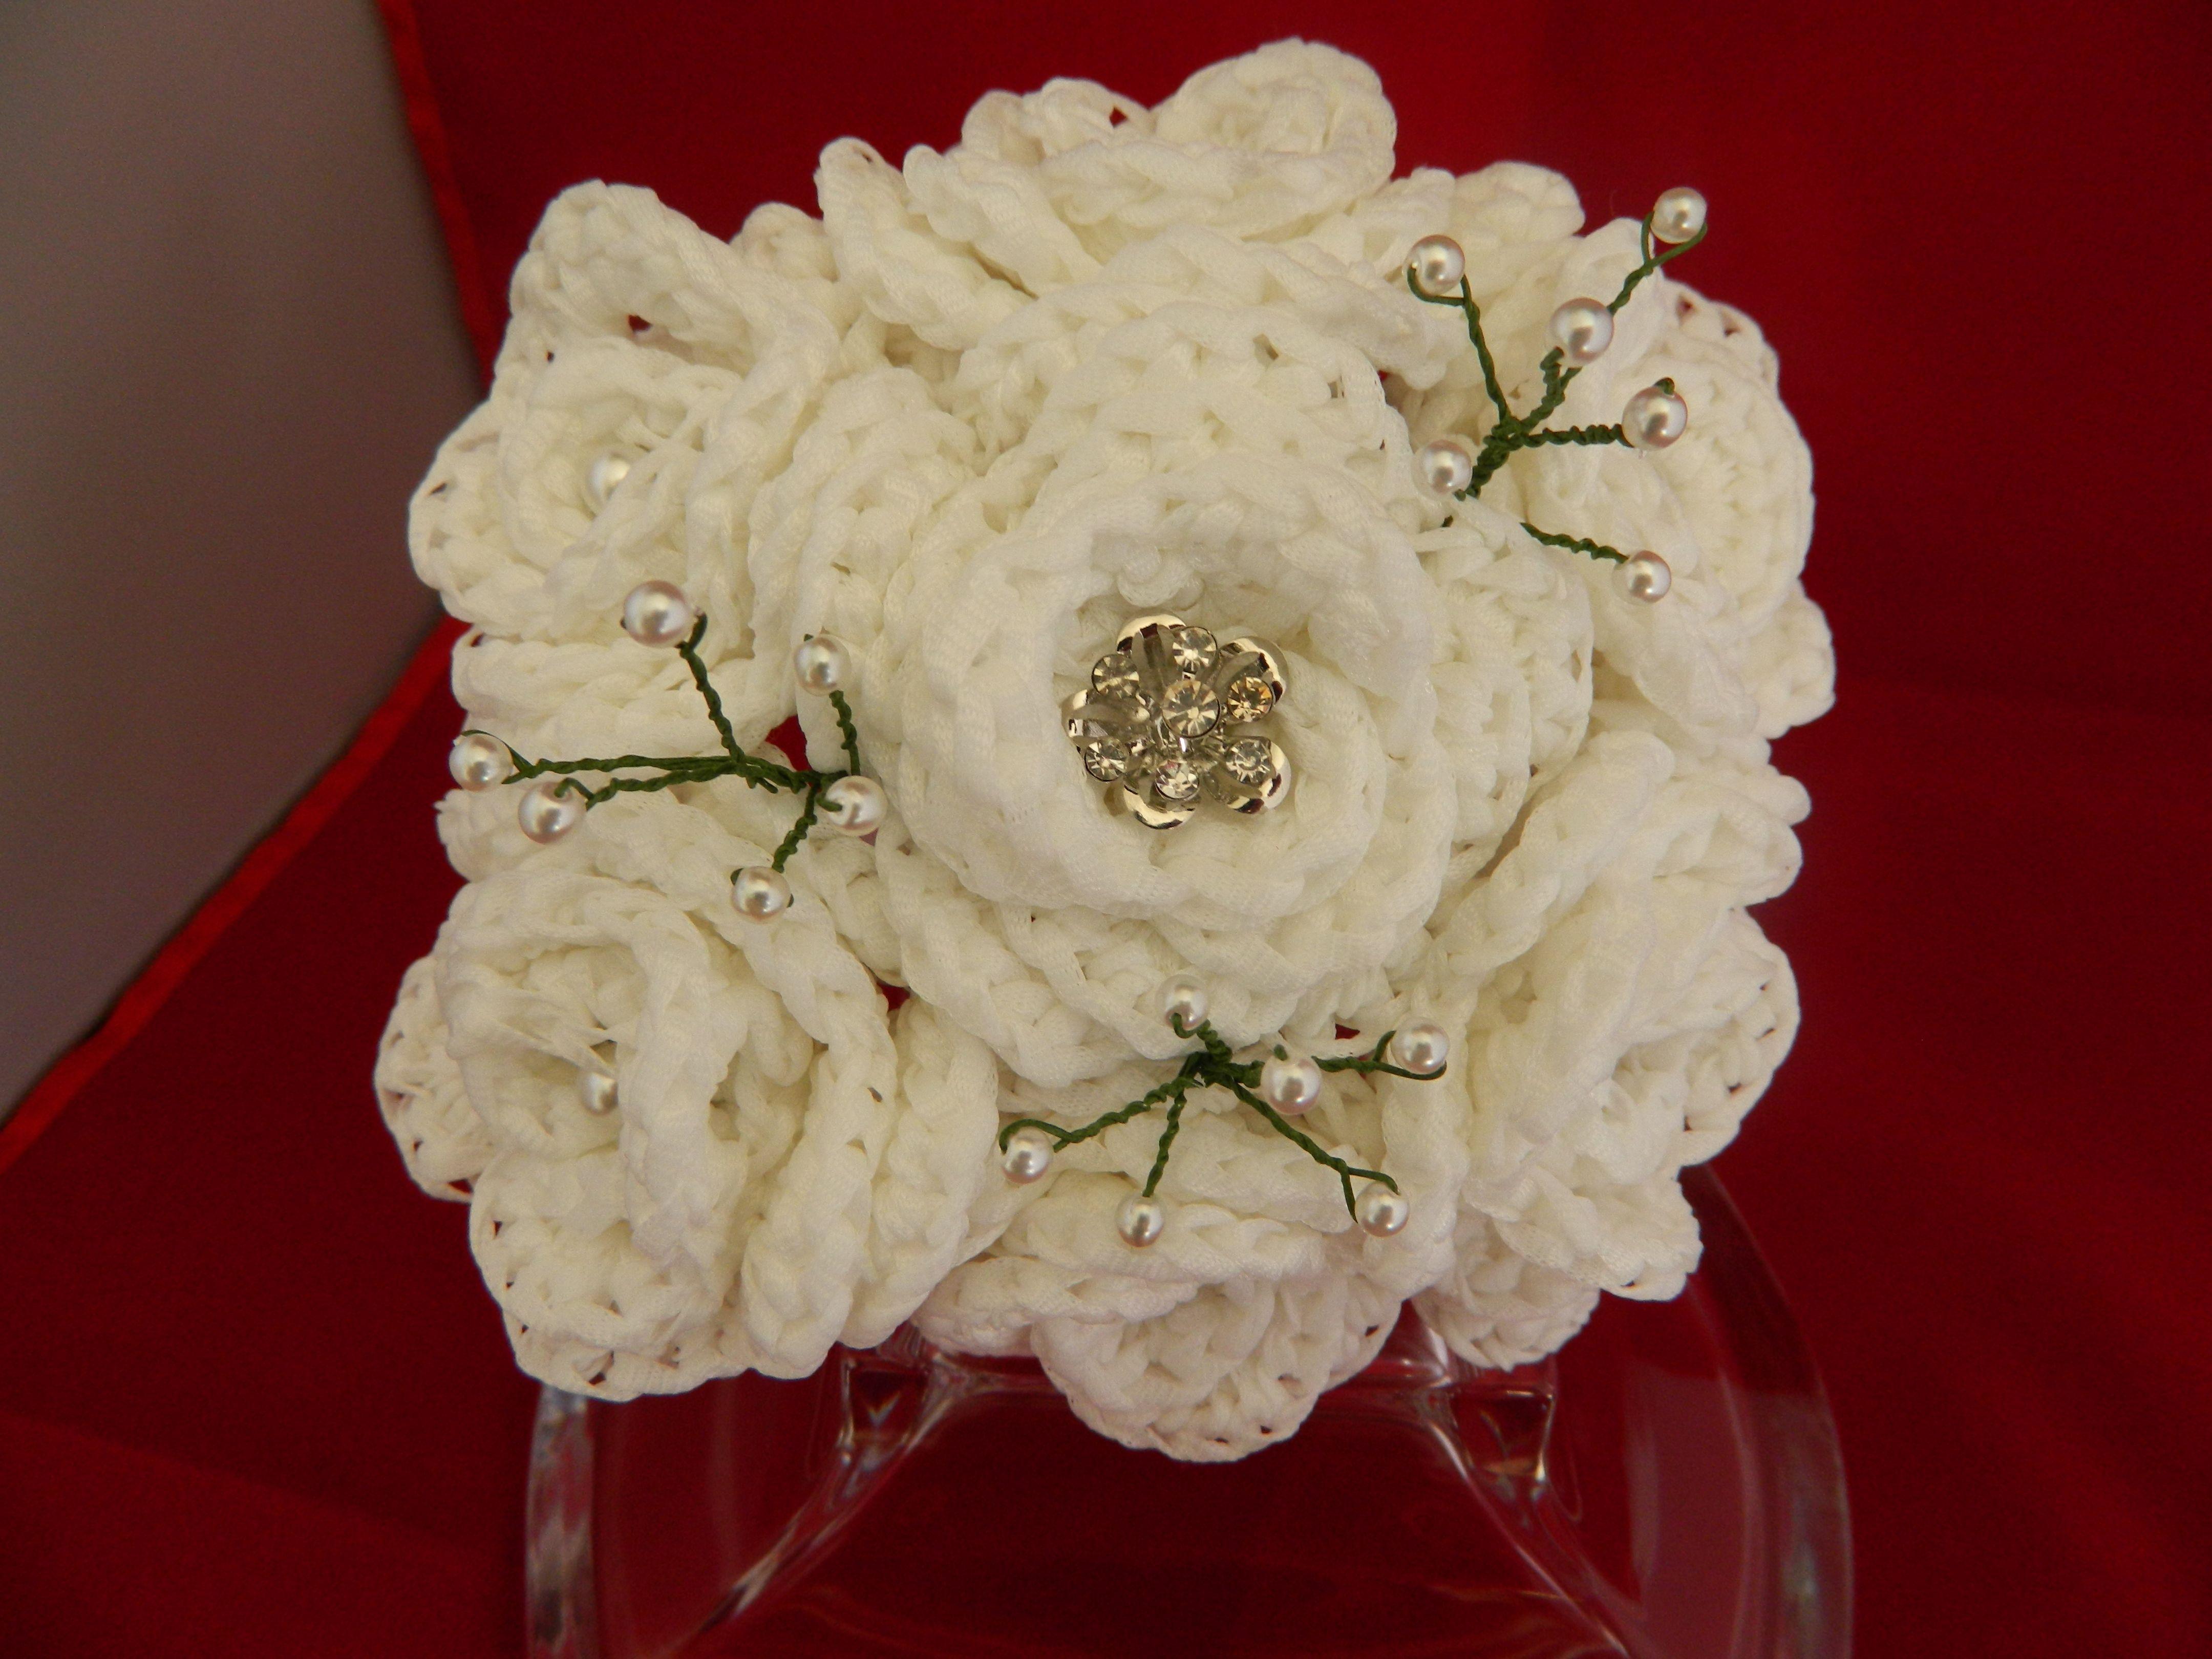 Crochet flower bridal bouquet front view crochet by me flowers crochet flower bridal bouquet front view crochet by me izmirmasajfo